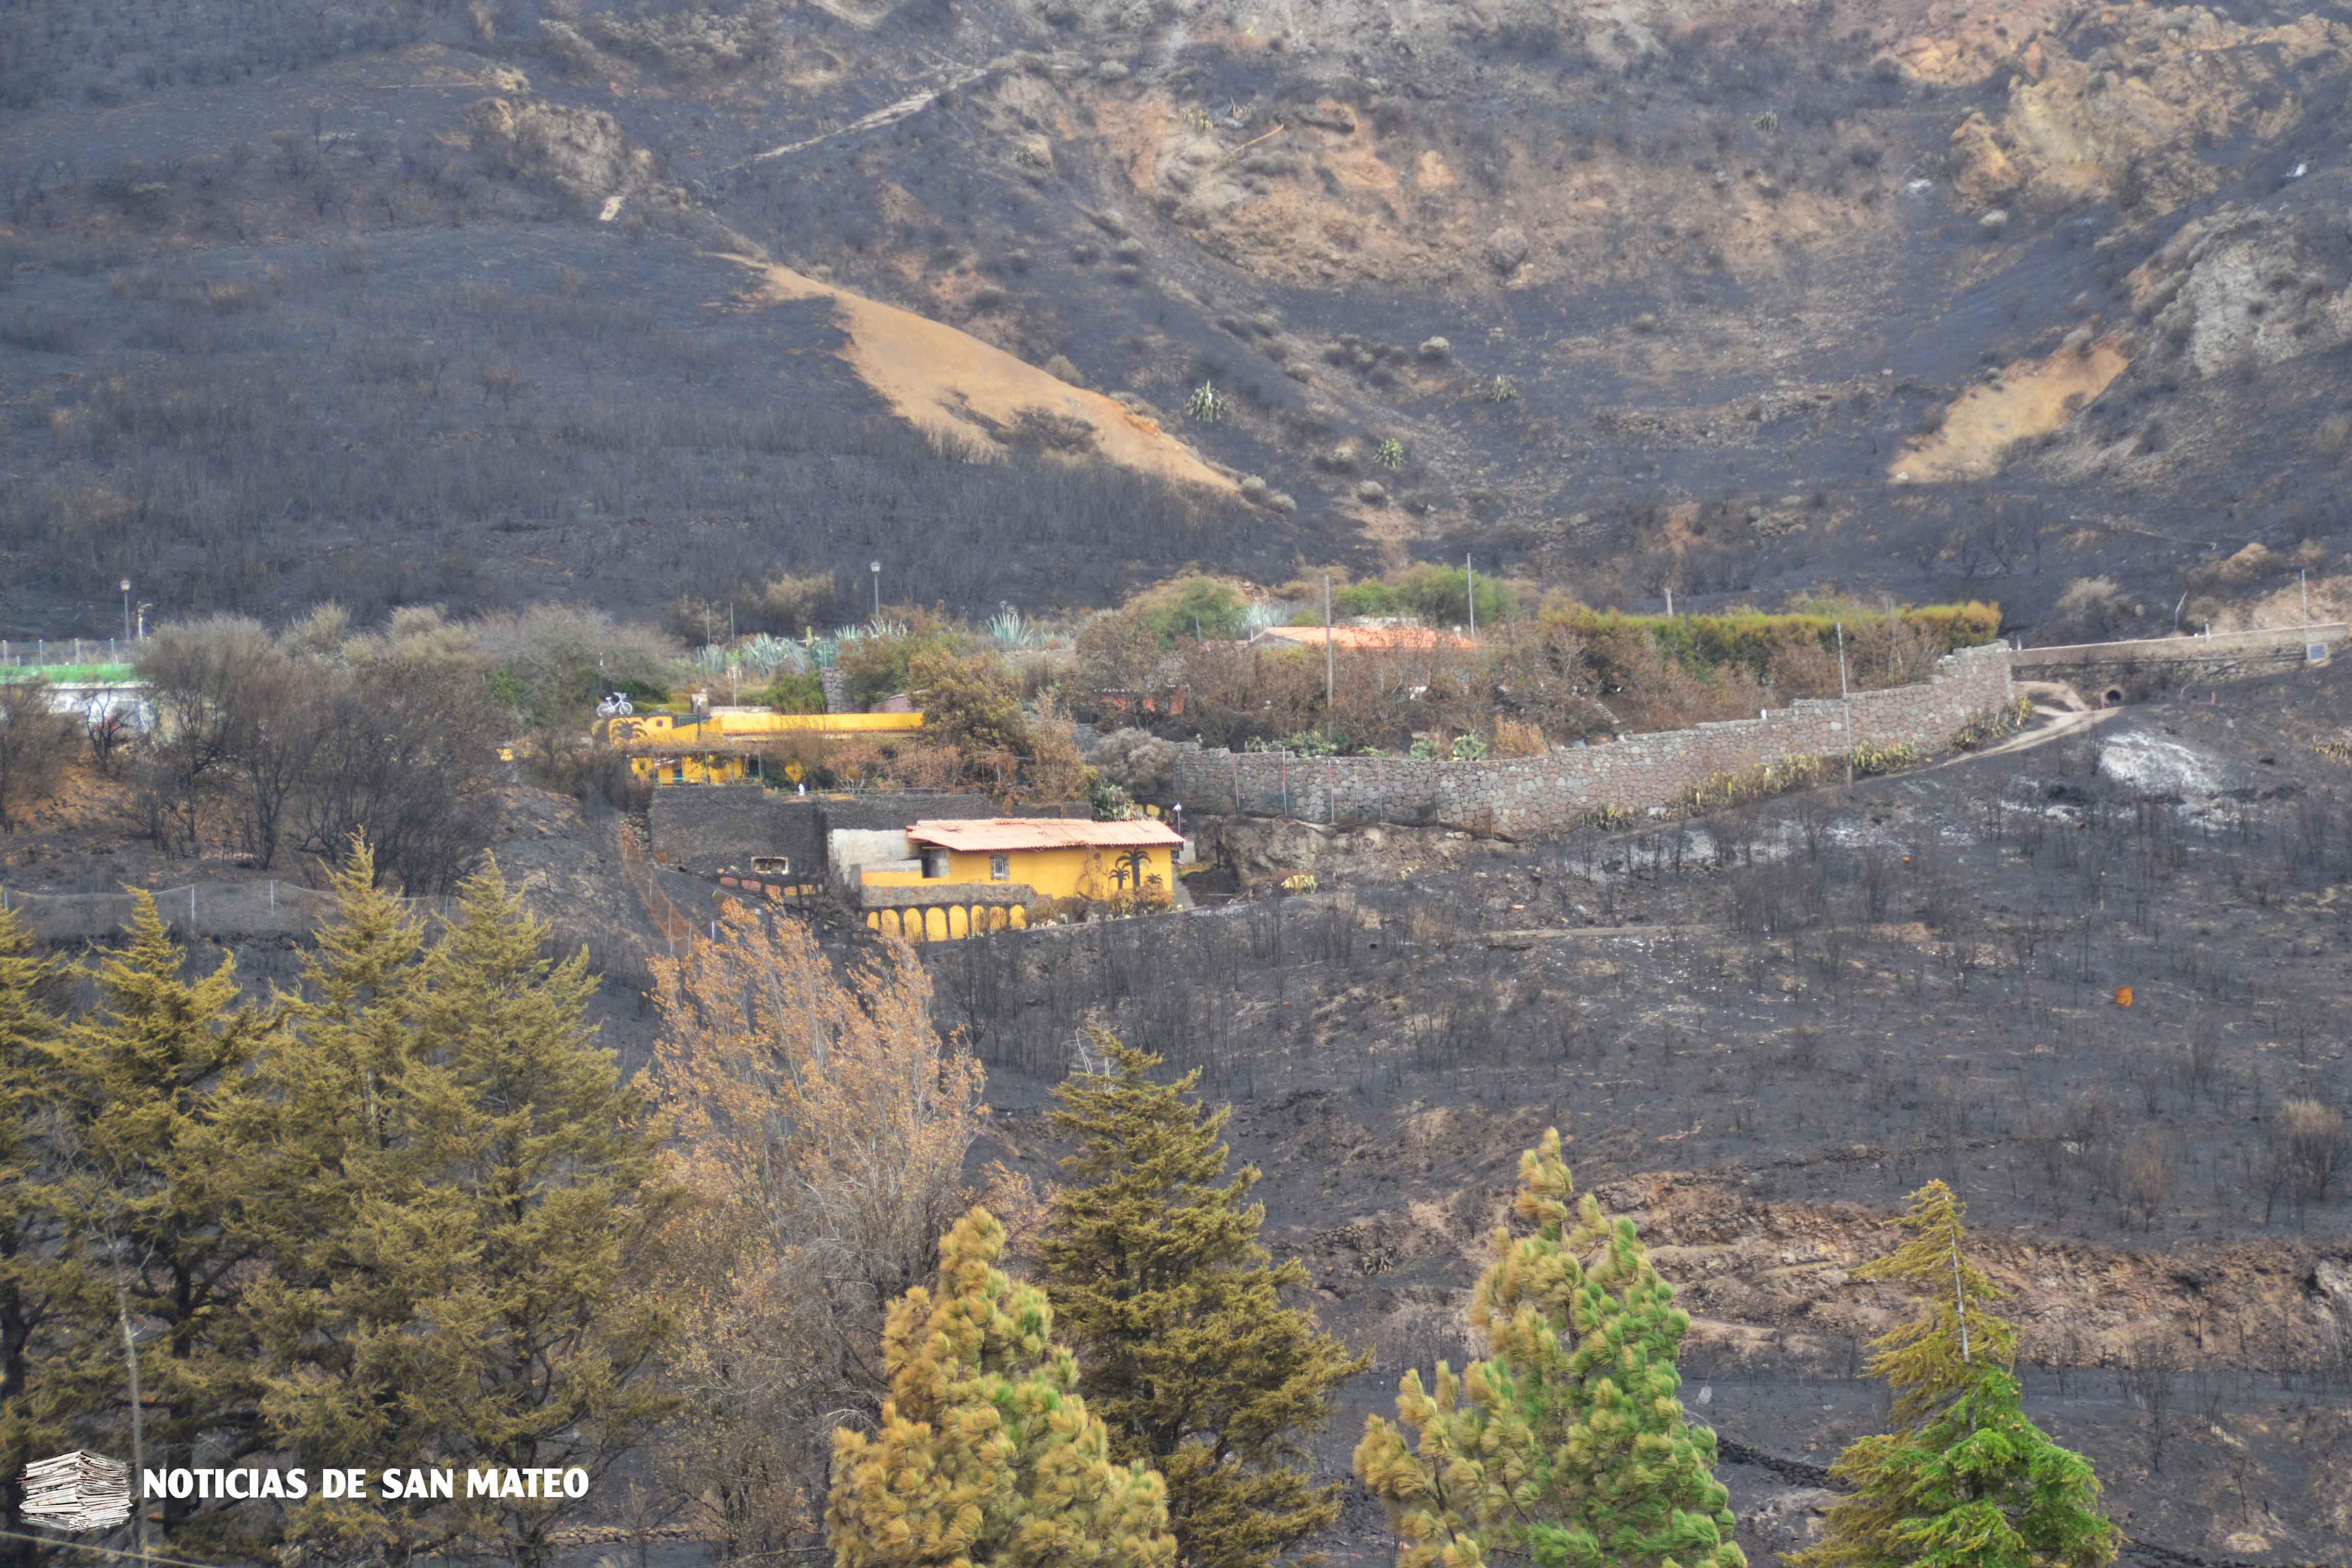 Zona afectada por el incendio en San Mateo 2017 Foto Noticias de San Mateo